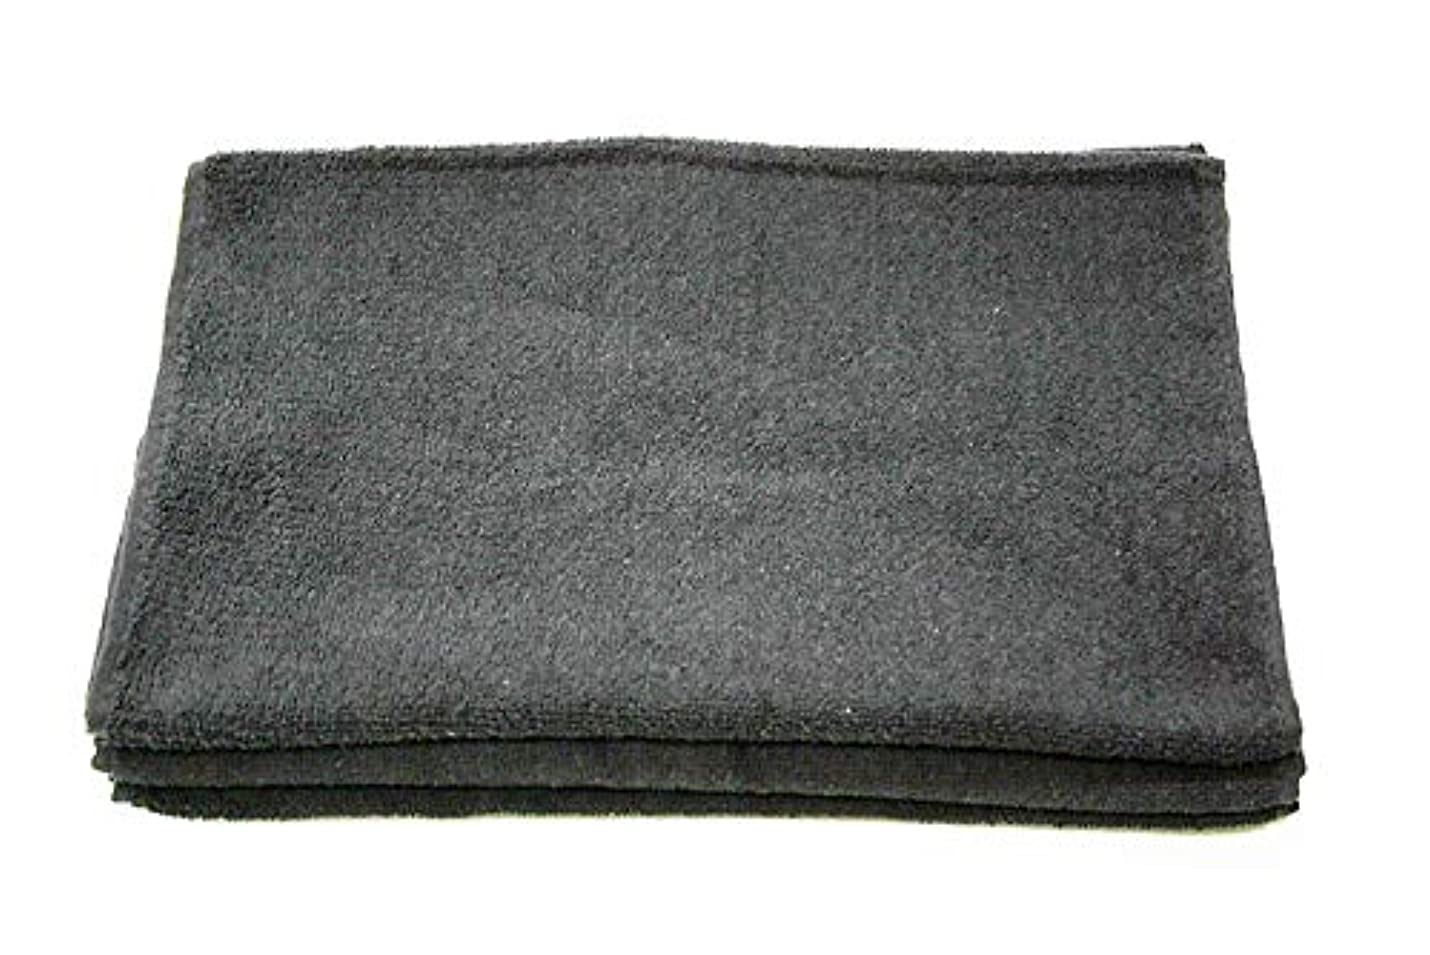 息切れコマンドメモスーパータオル New ブリーチフリー 210匁 【1枚】(グレー)